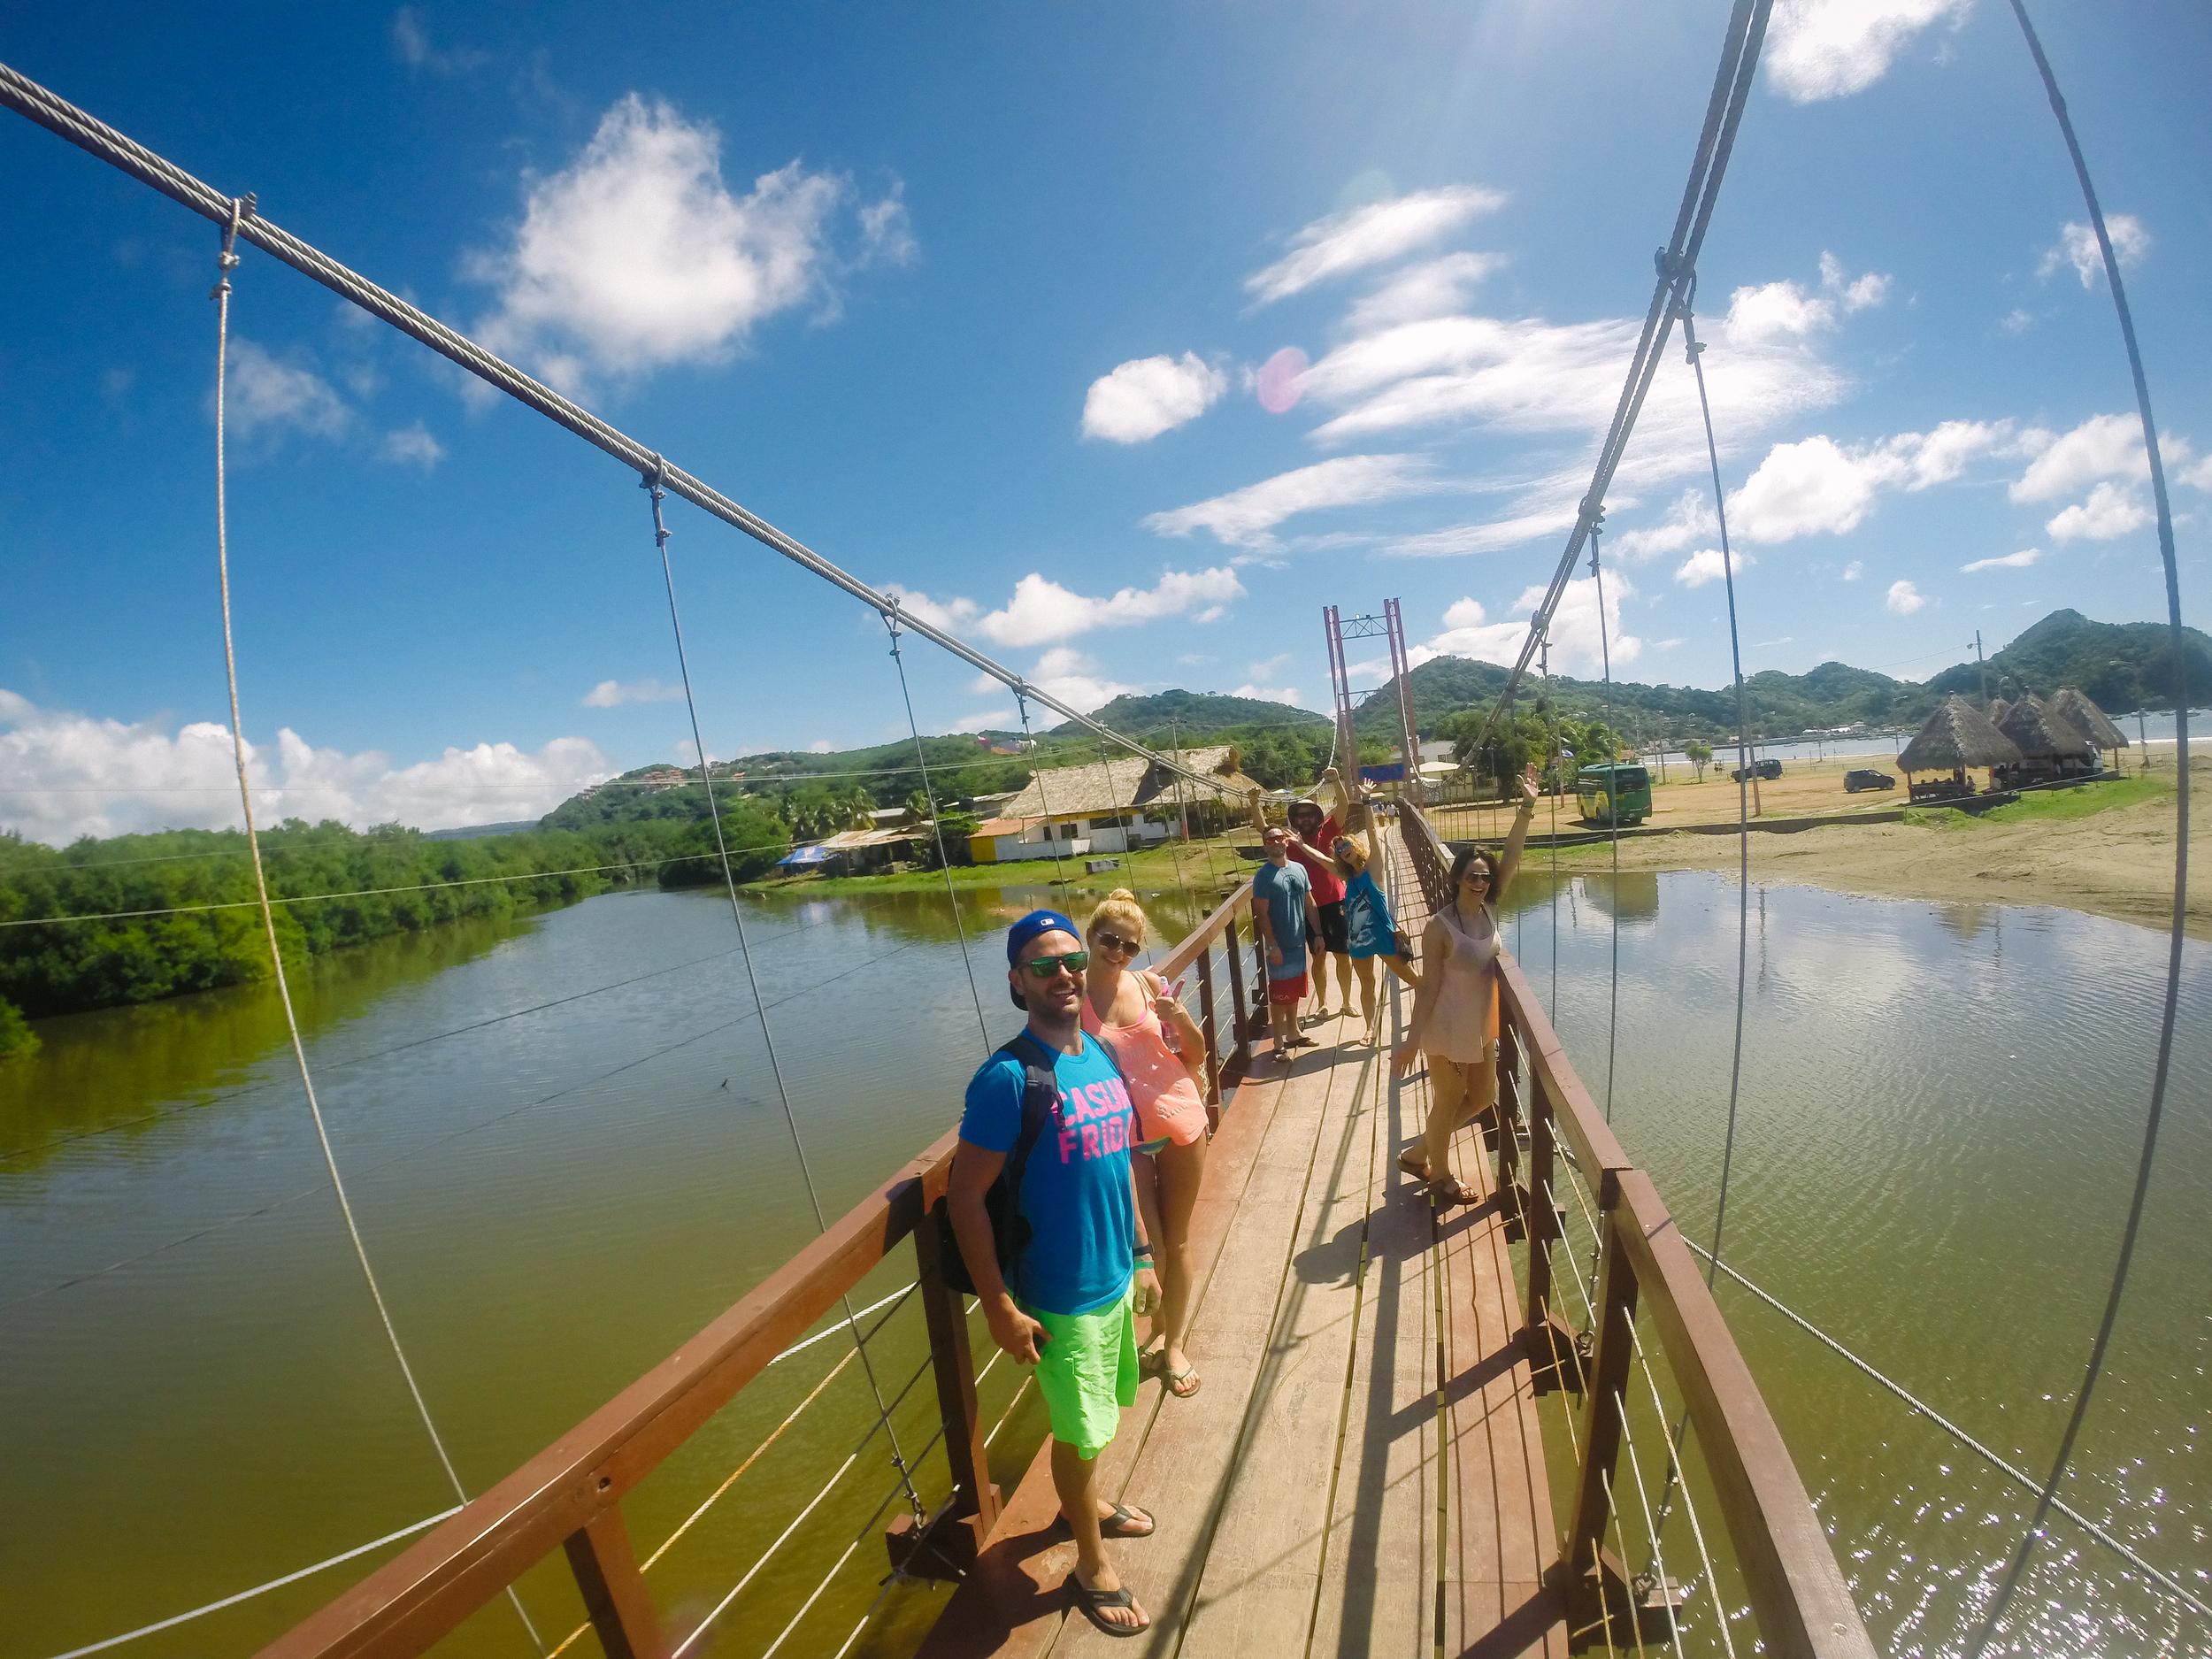 volunteer-trip-nicaragua-38.JPG